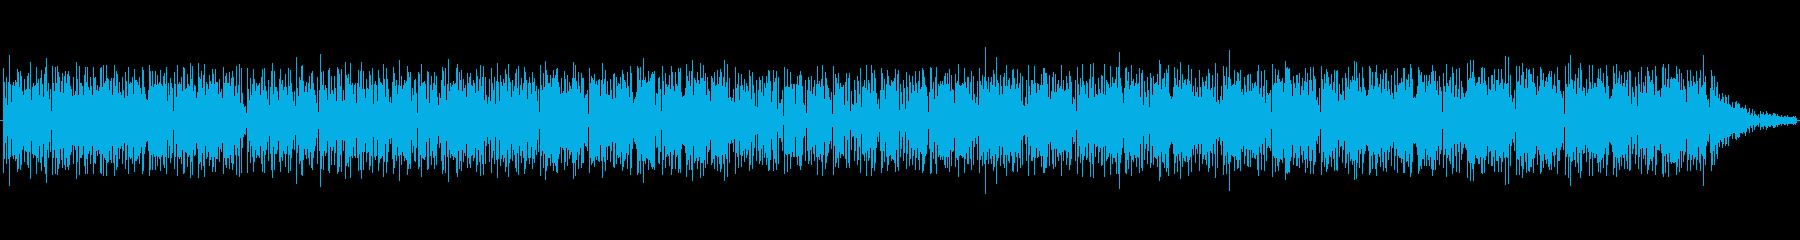 ラテン語リズミカルなホーンアップビ...の再生済みの波形